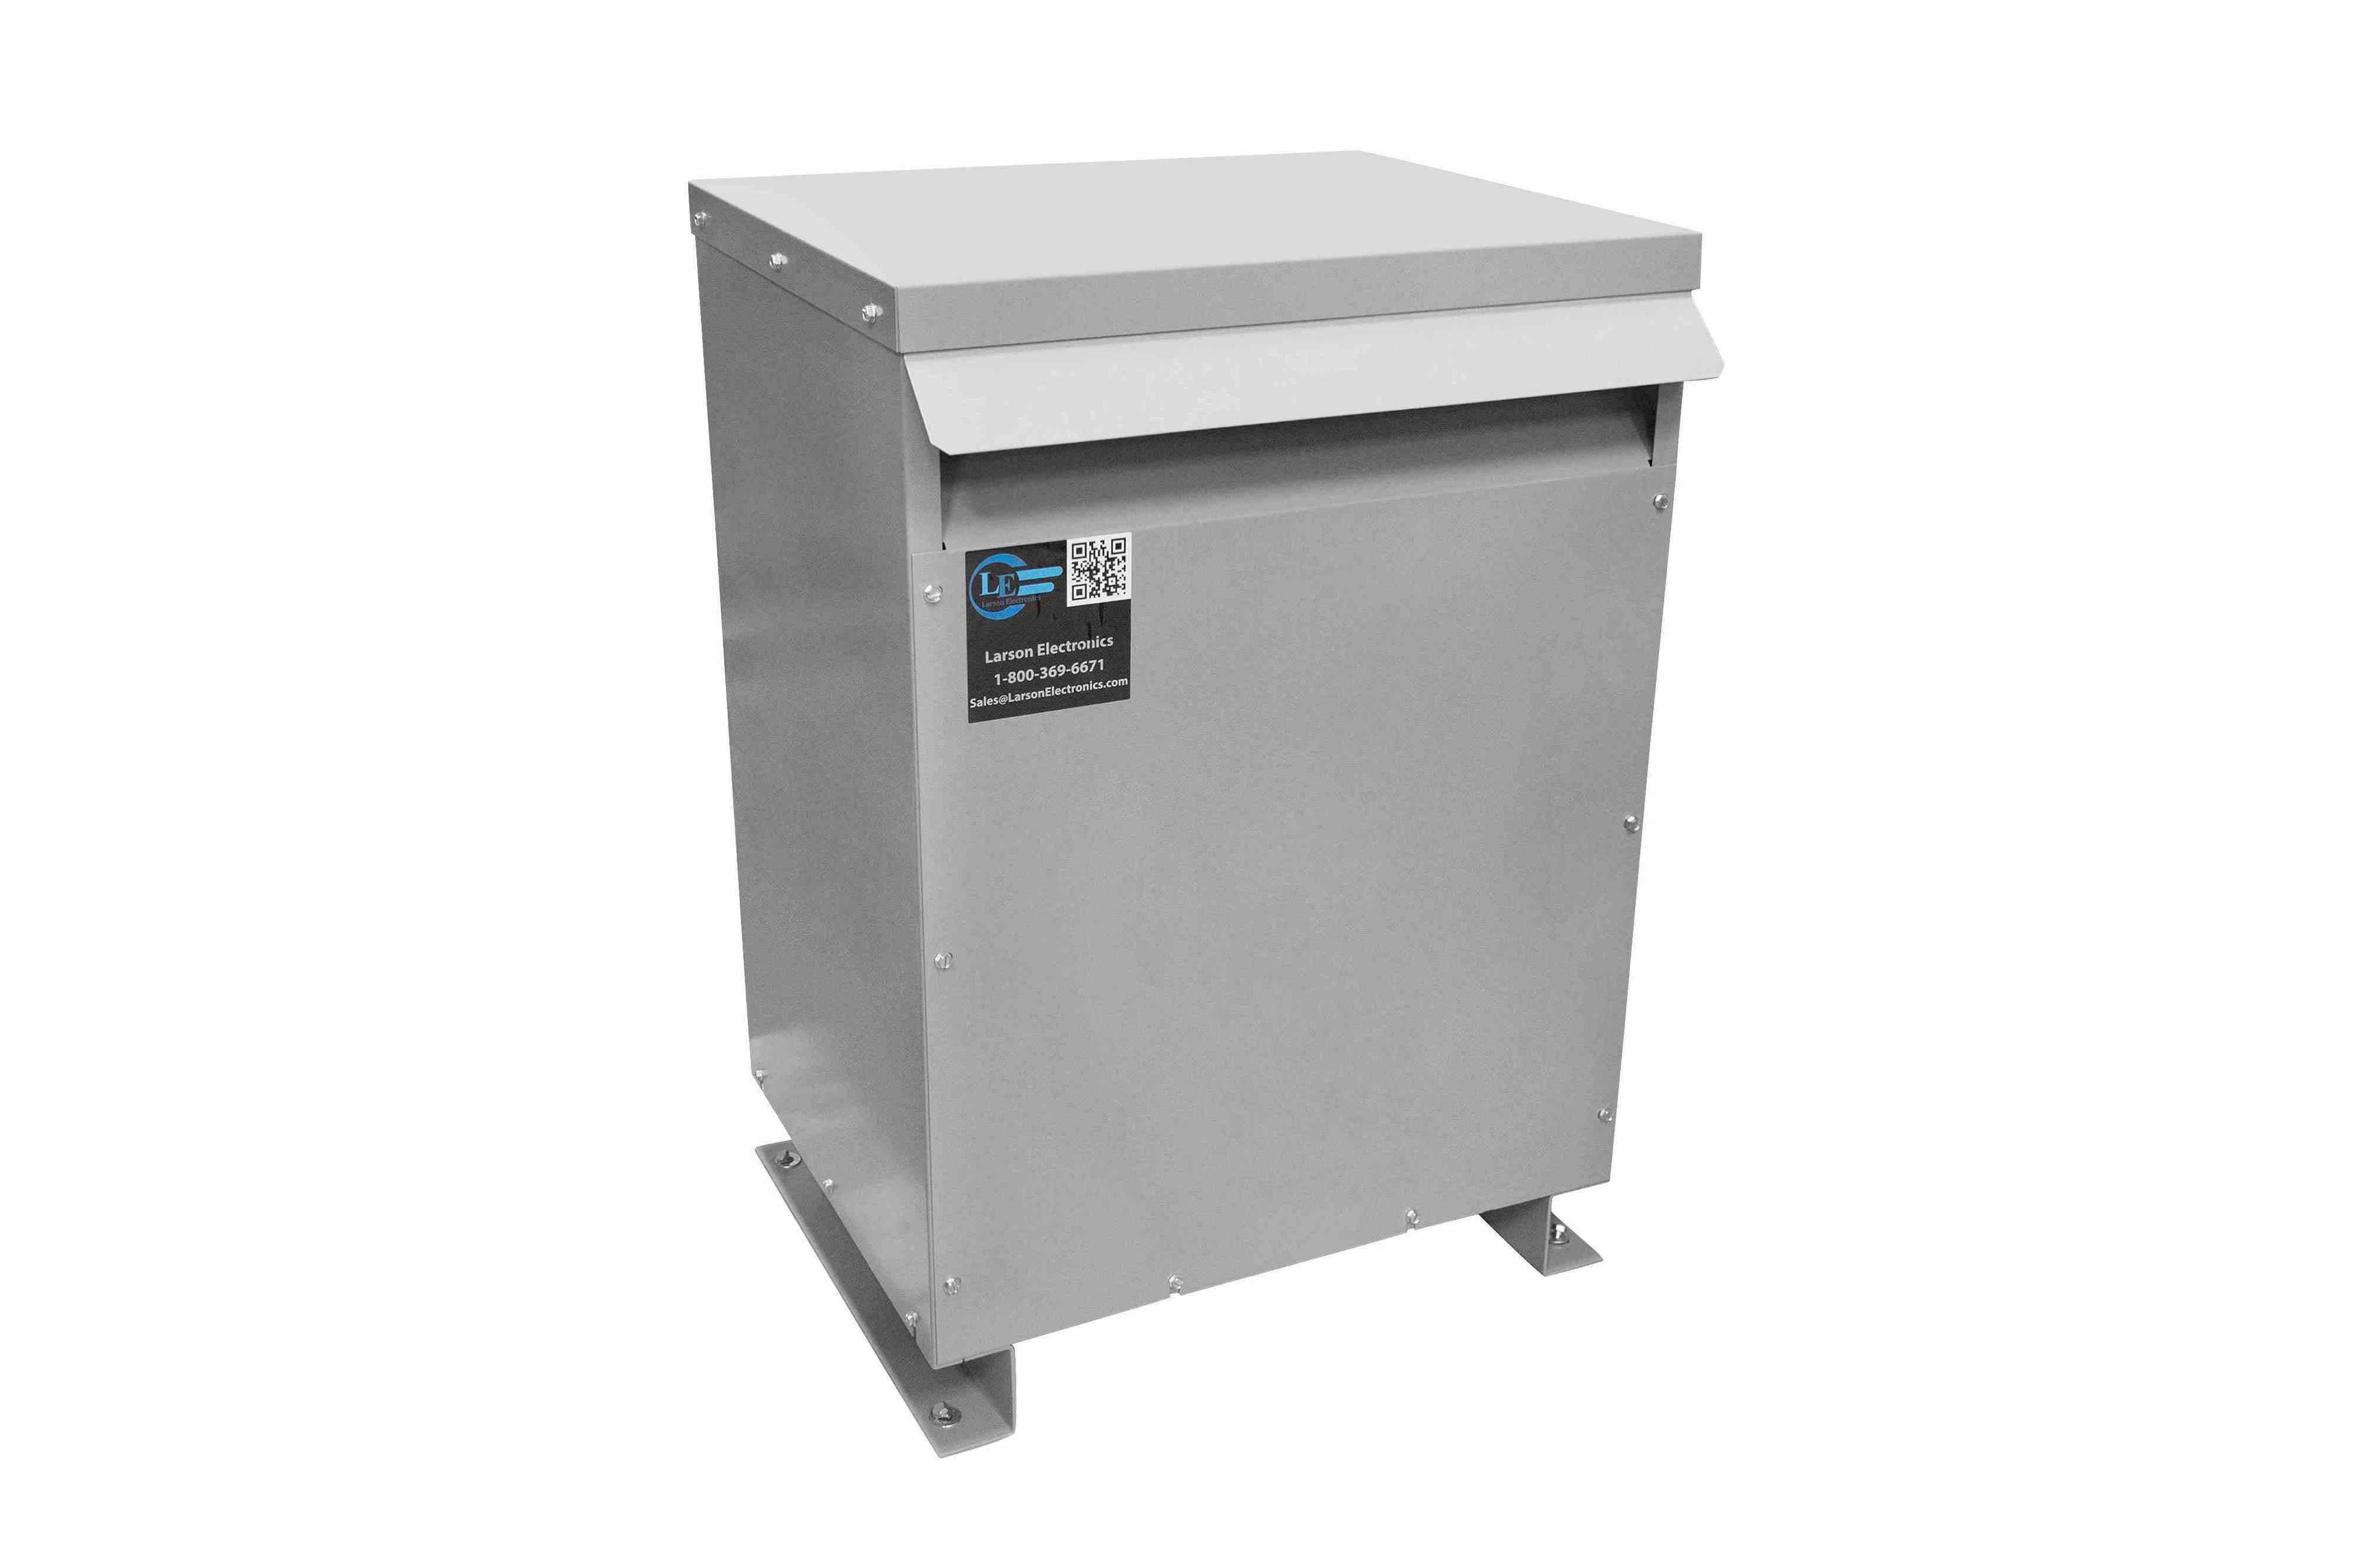 12.5 kVA 3PH Isolation Transformer, 480V Delta Primary, 550V Delta Secondary, N3R, Ventilated, 60 Hz